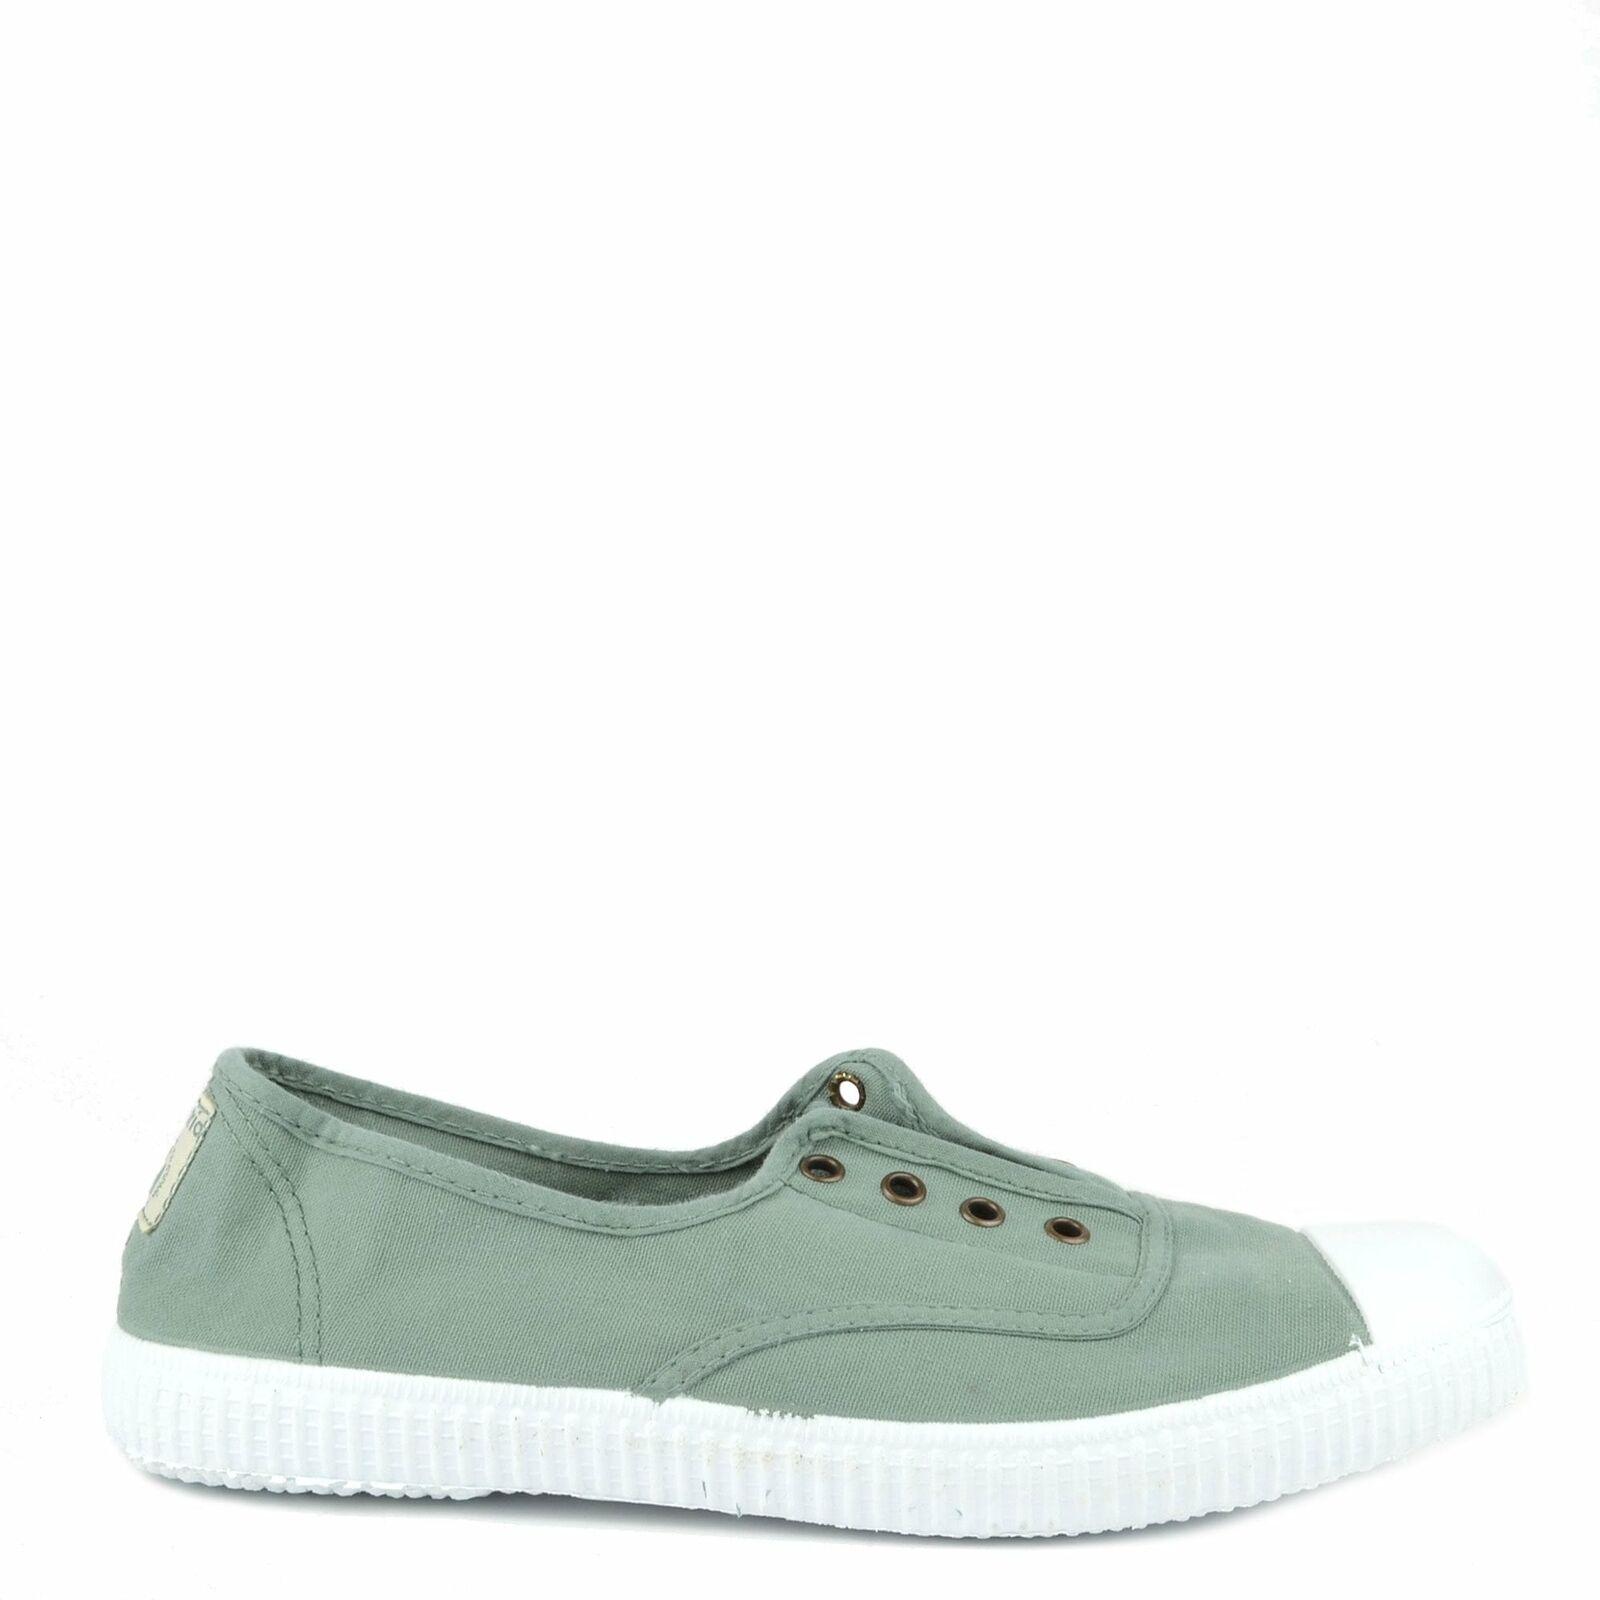 Victoria shoes Dora Jade Canvas Plimsoll